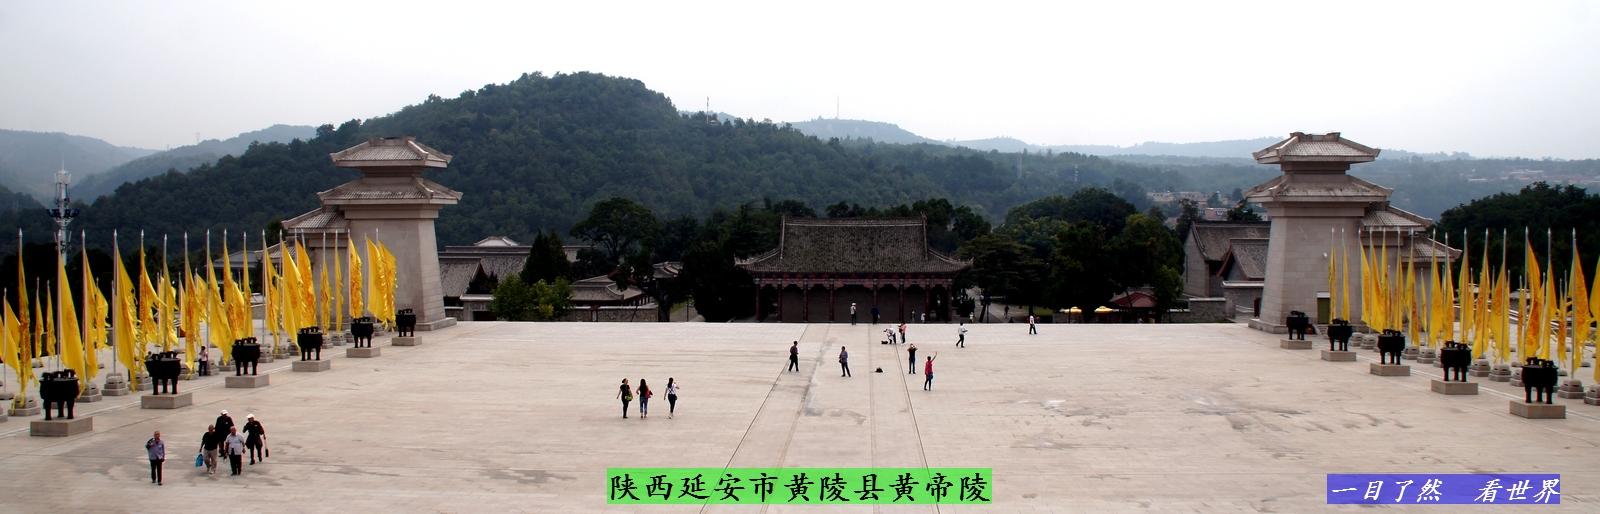 黄帝陵景区--56-1600.jpg